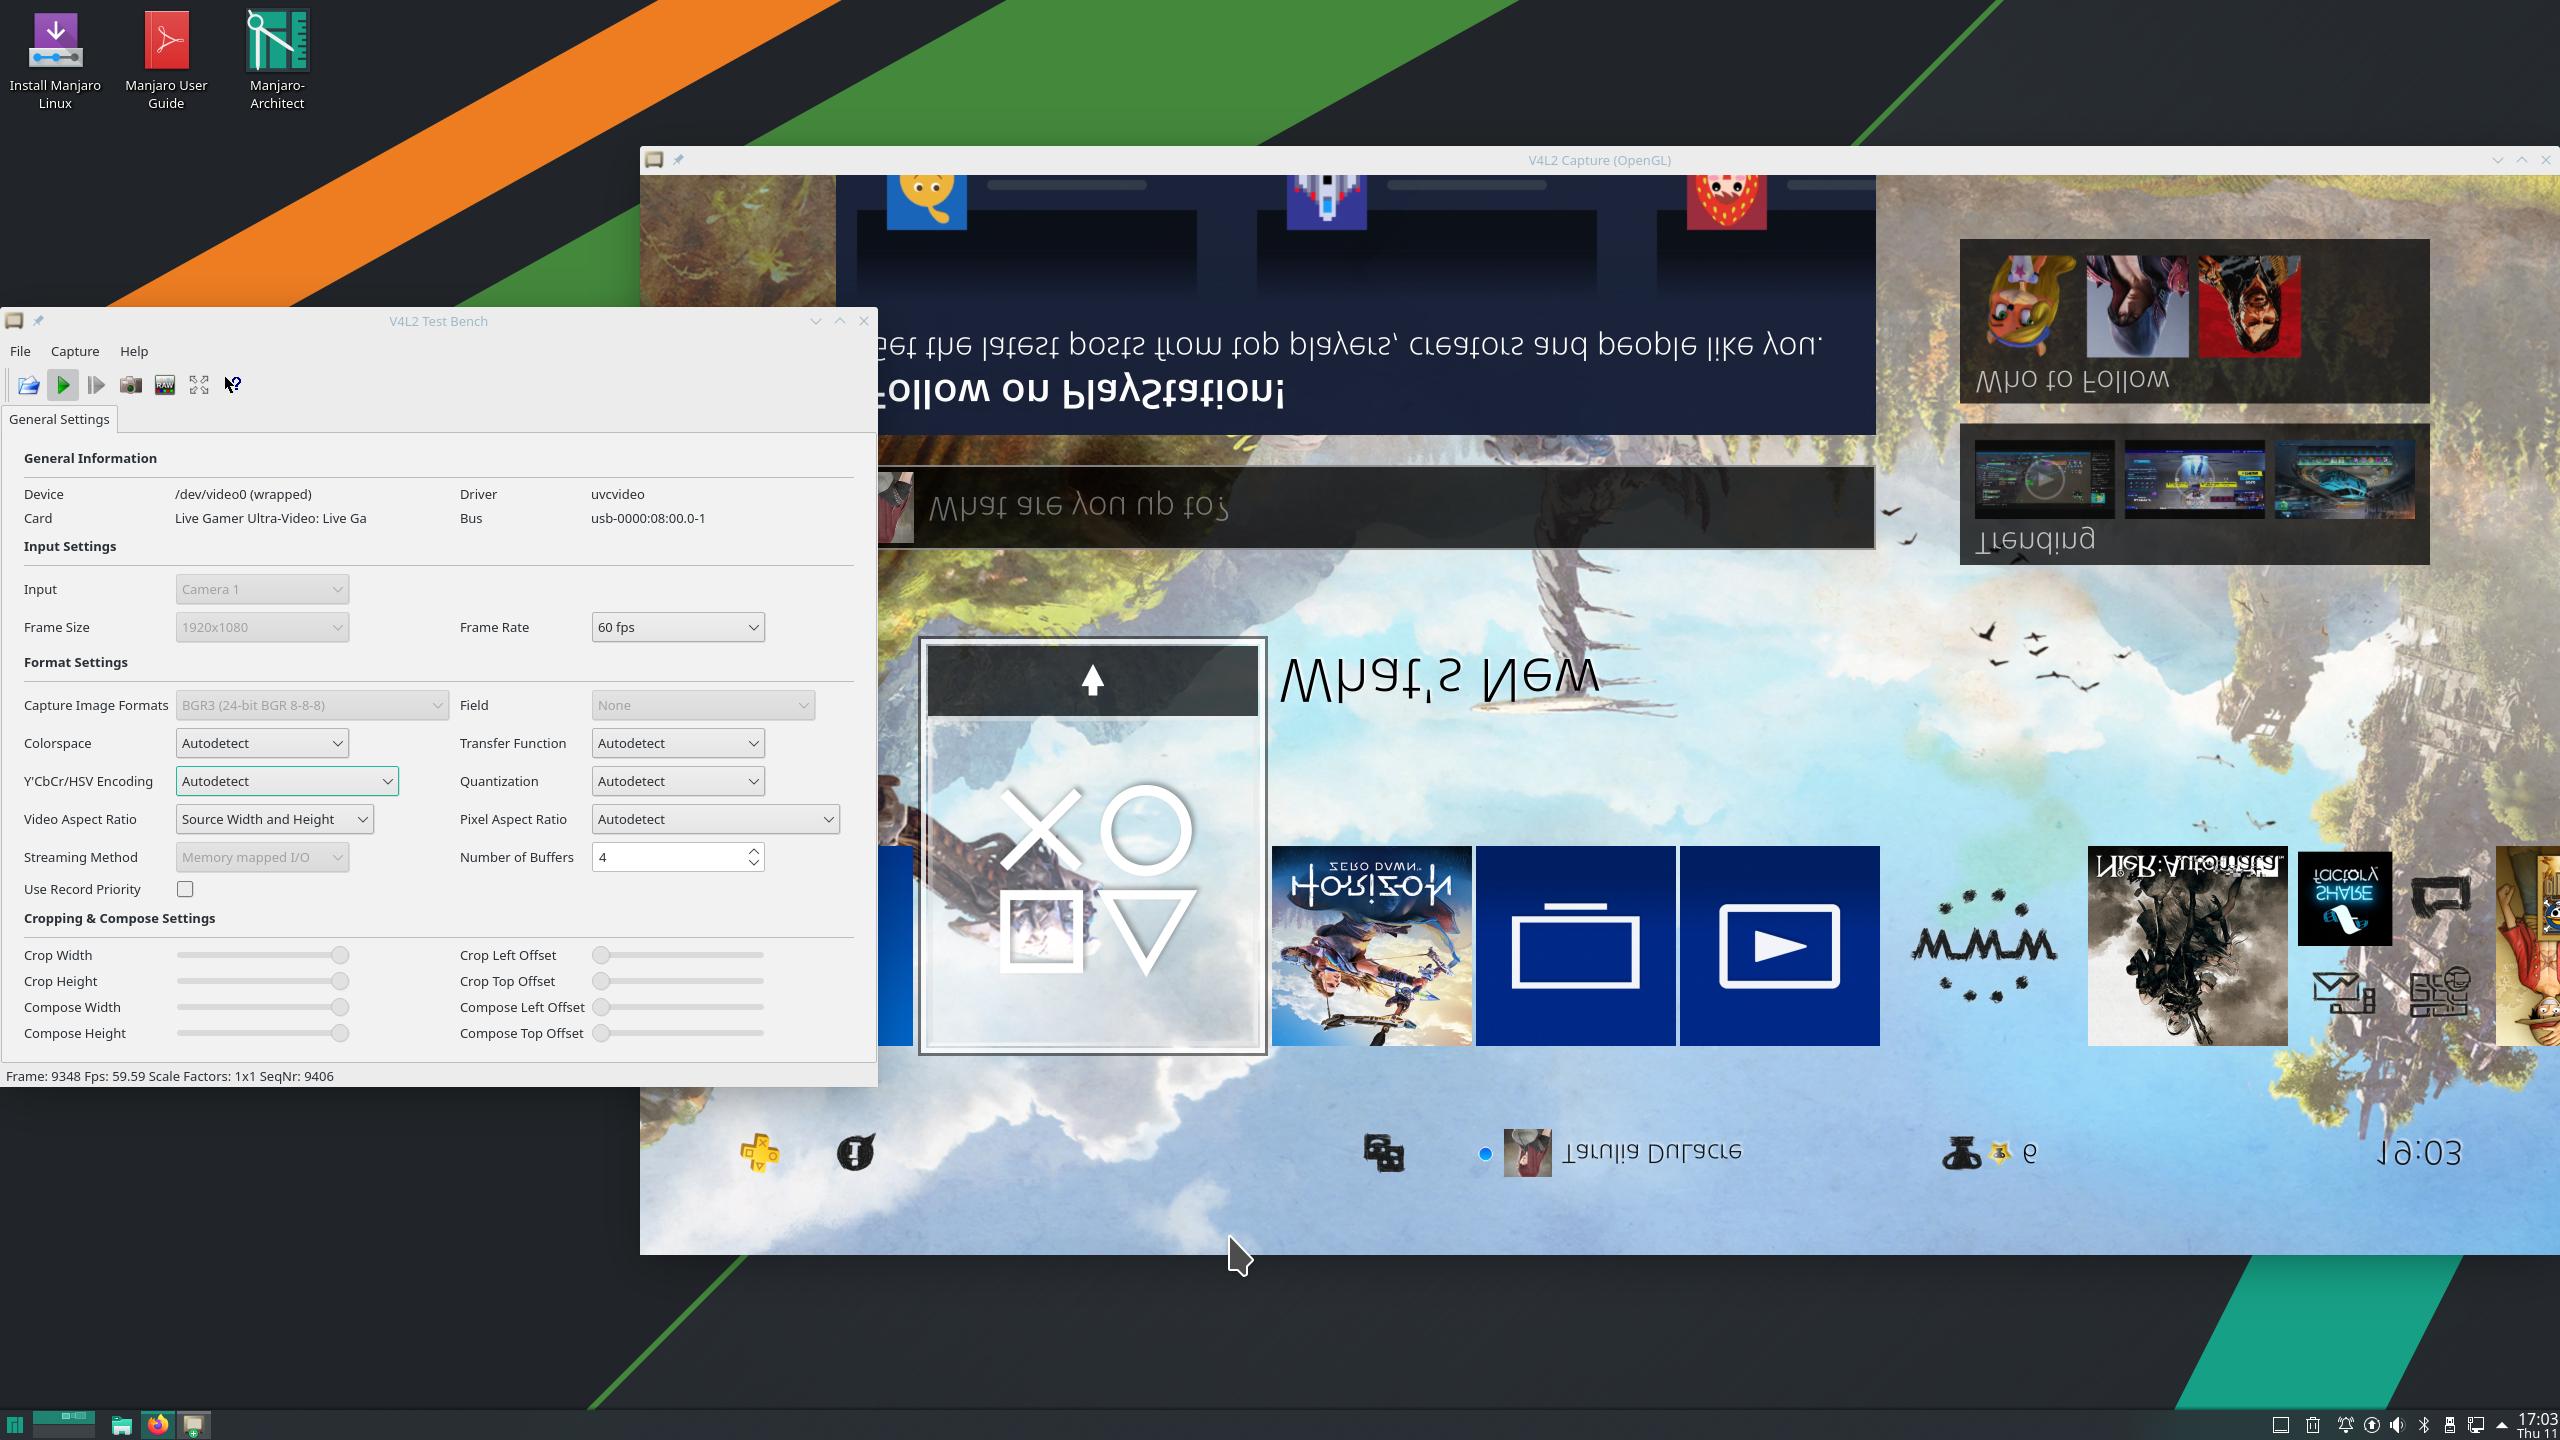 forum.level1techs.com